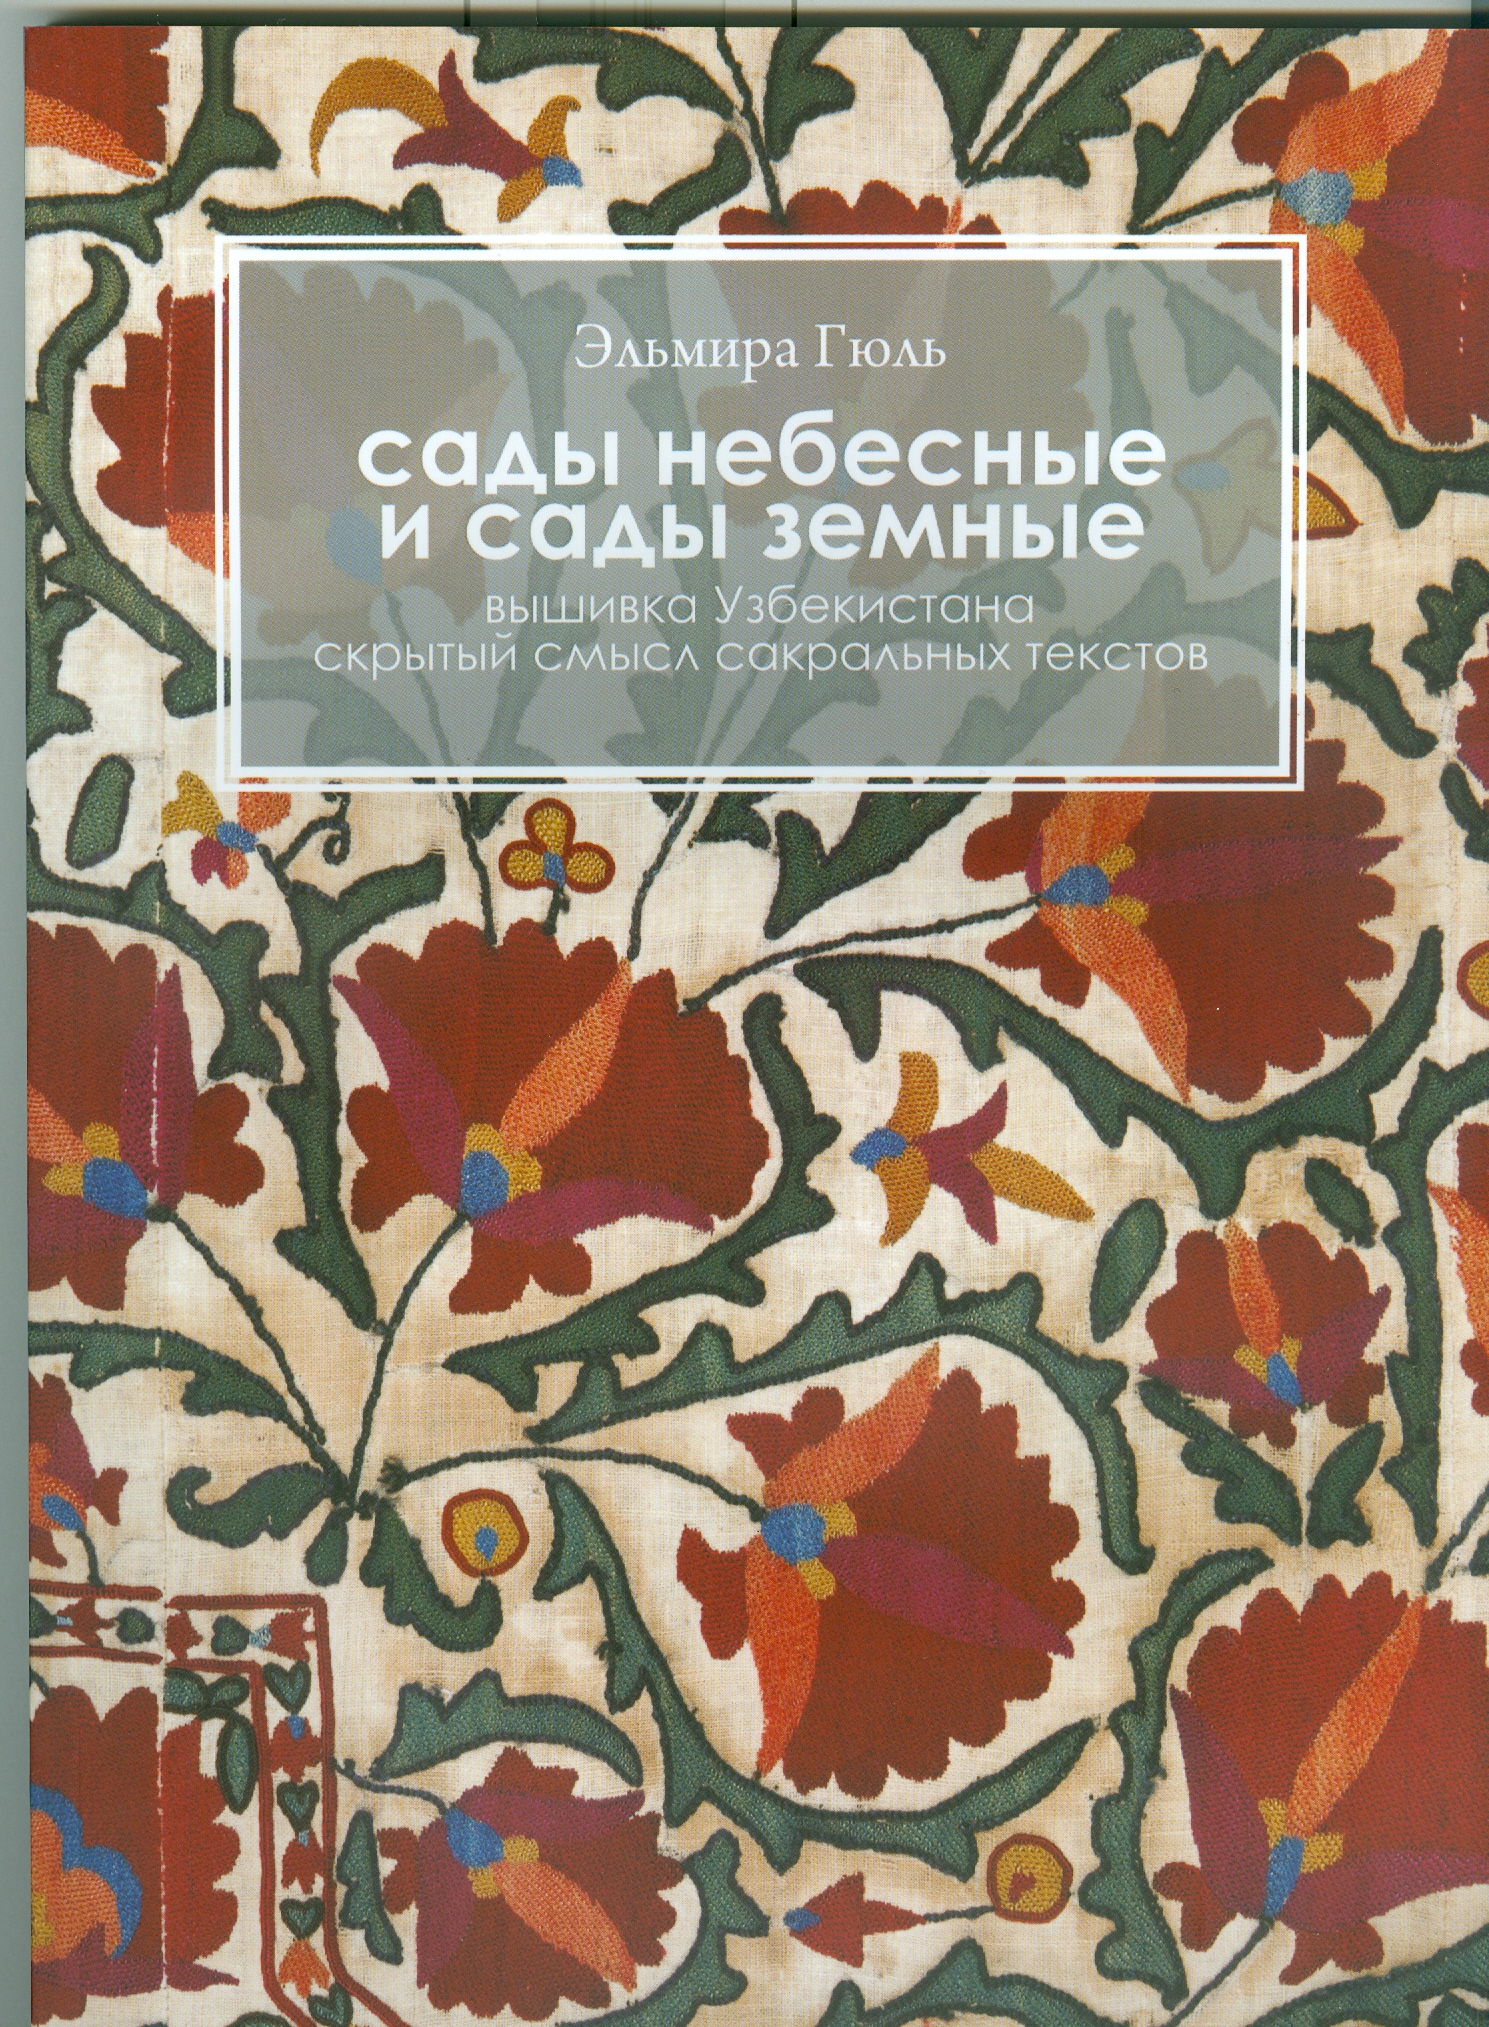 Эльмира Гюль Сады небесные и сады земные. Вышивка Узбекистана. Скрытый смысл сакральных текстов сады семирамиды